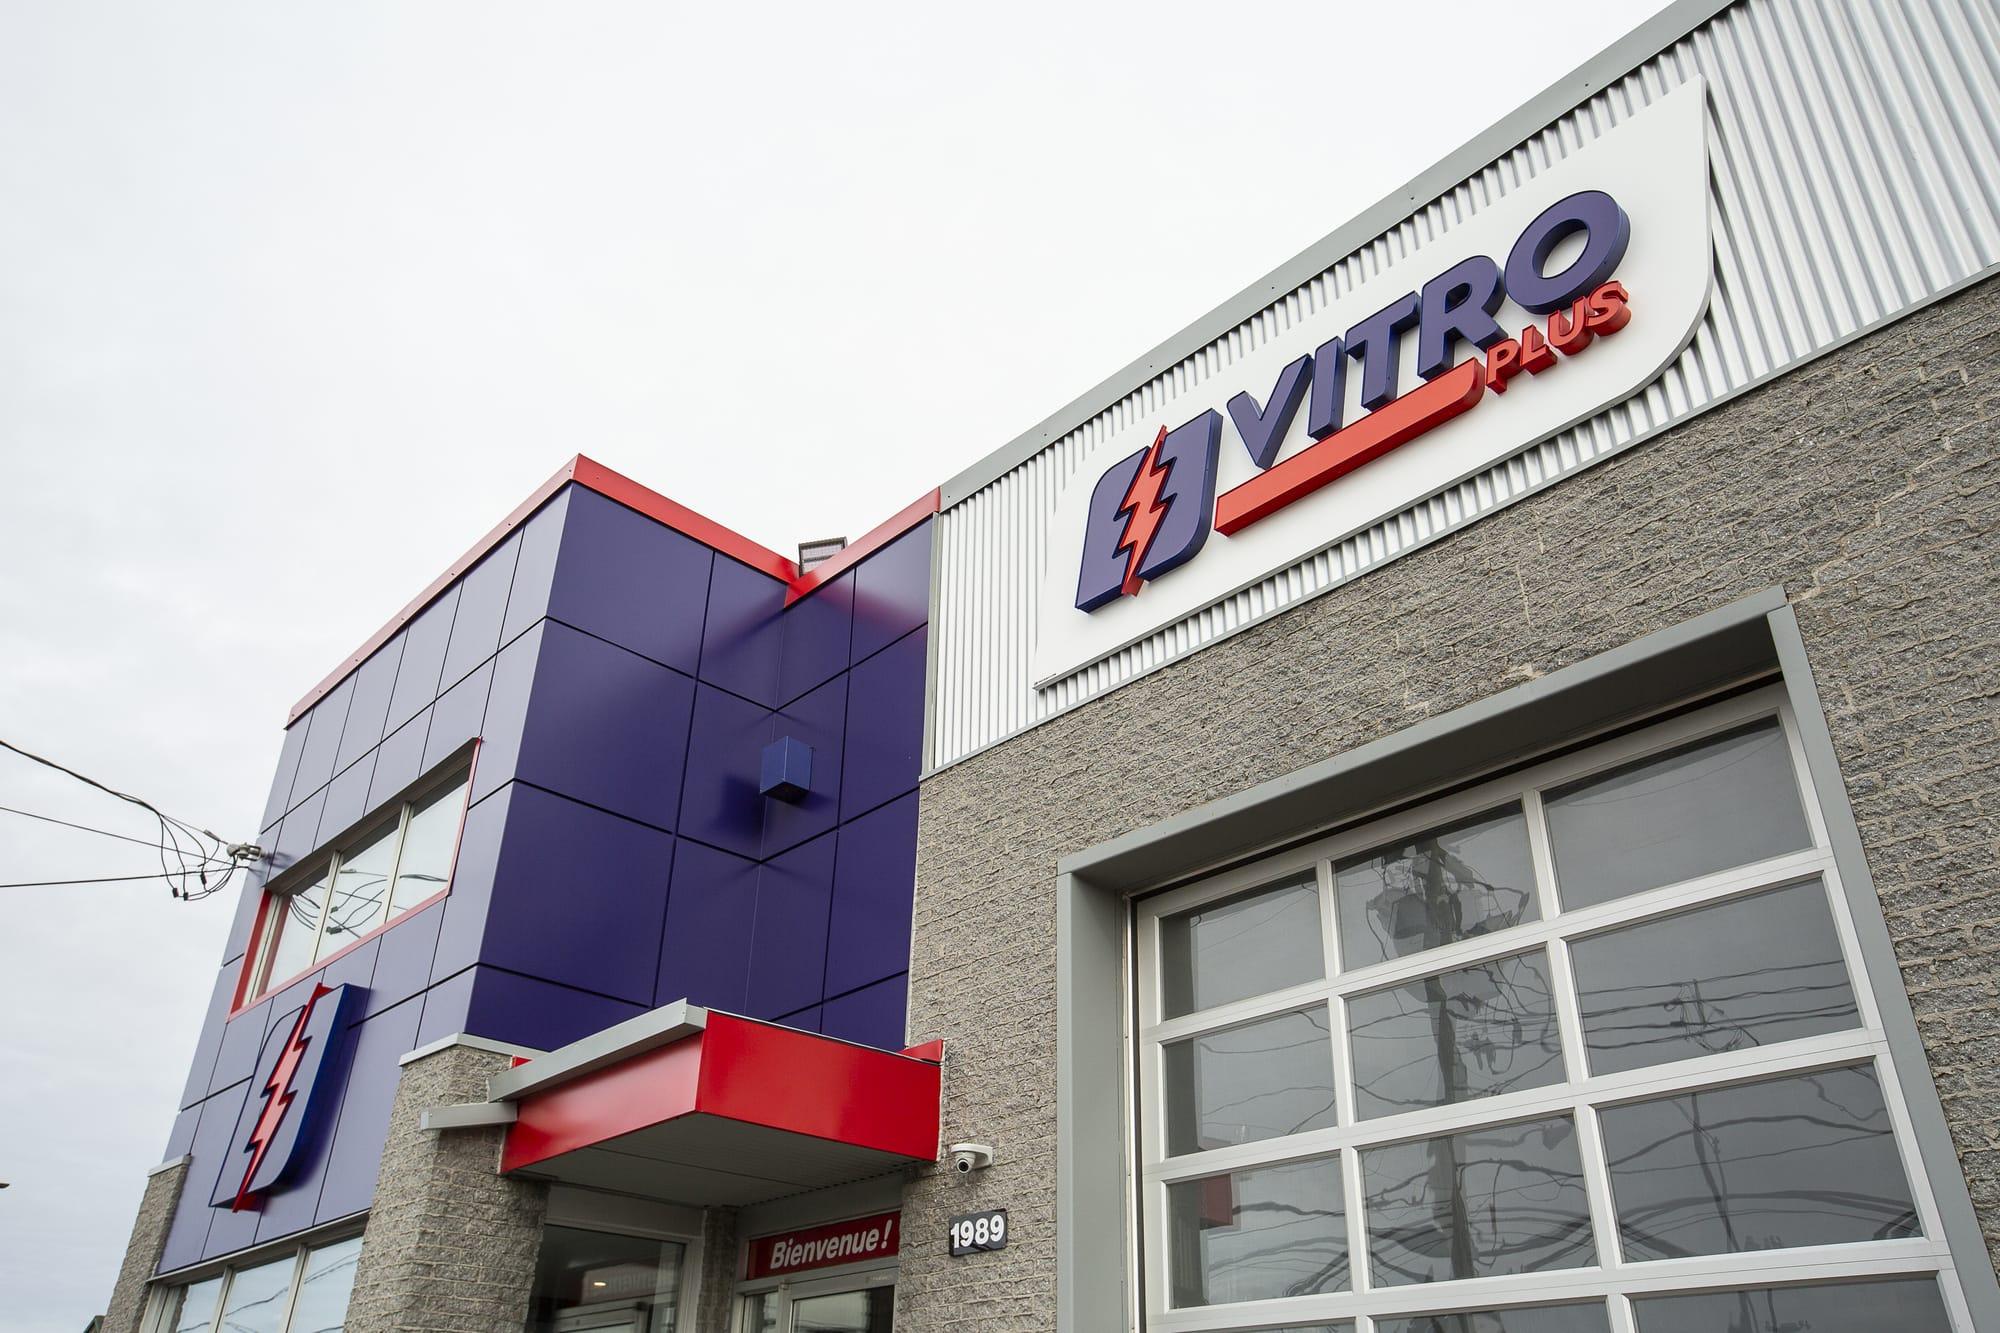 rénovation revêtement extérieur immeuble commercial - Vitro Plus